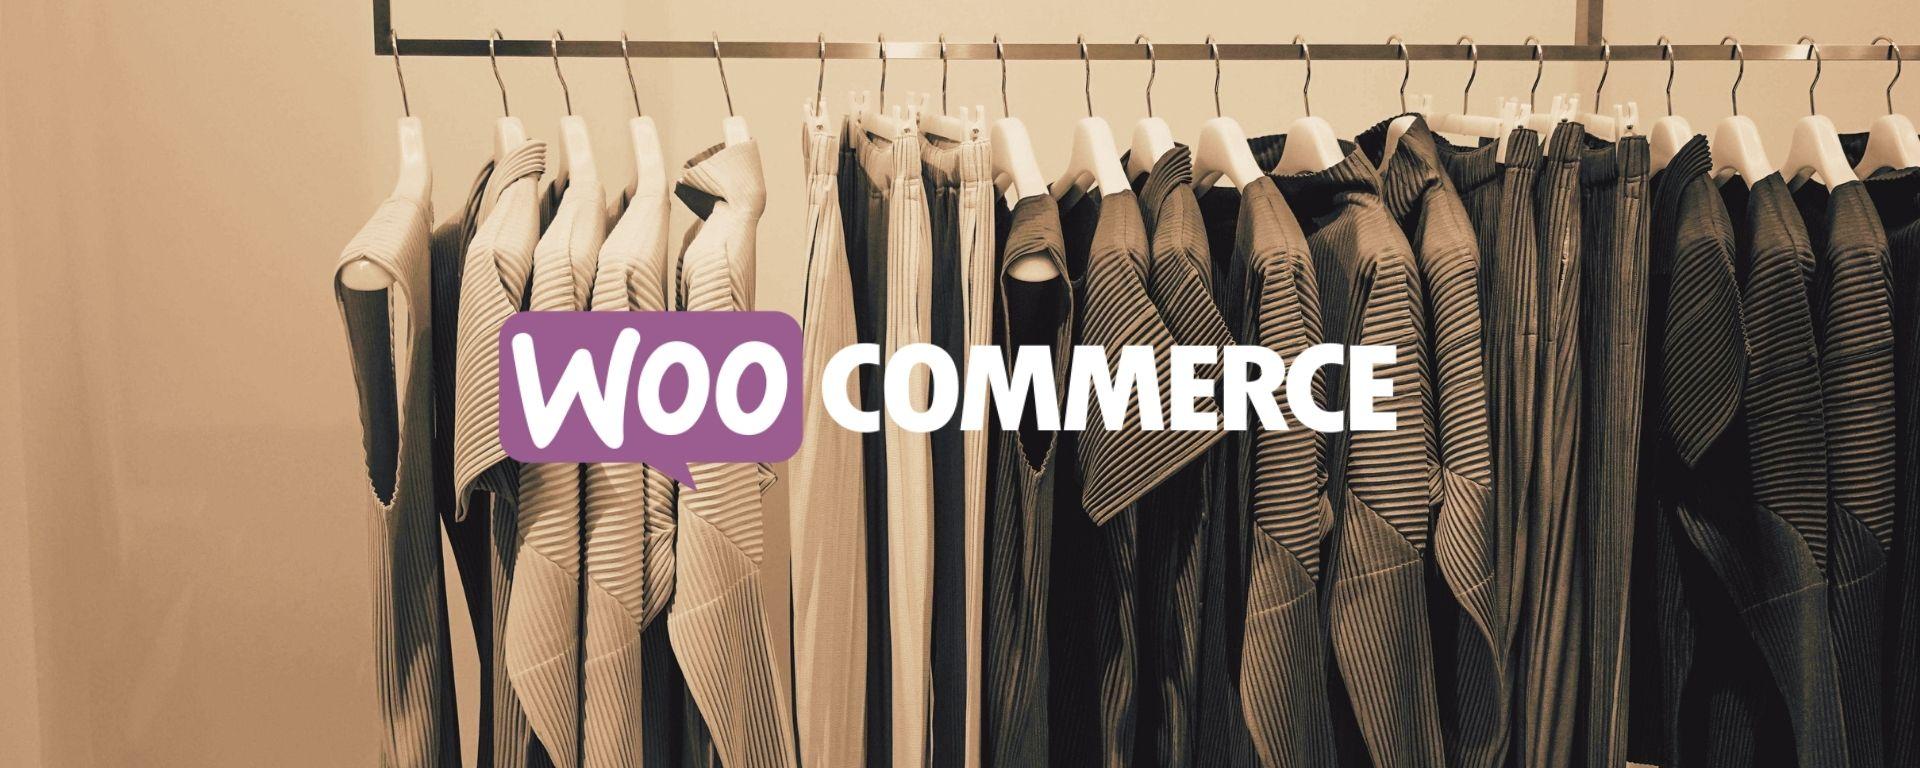 Los 5 mejores plugins de descuento de WooCommerce para tu tienda